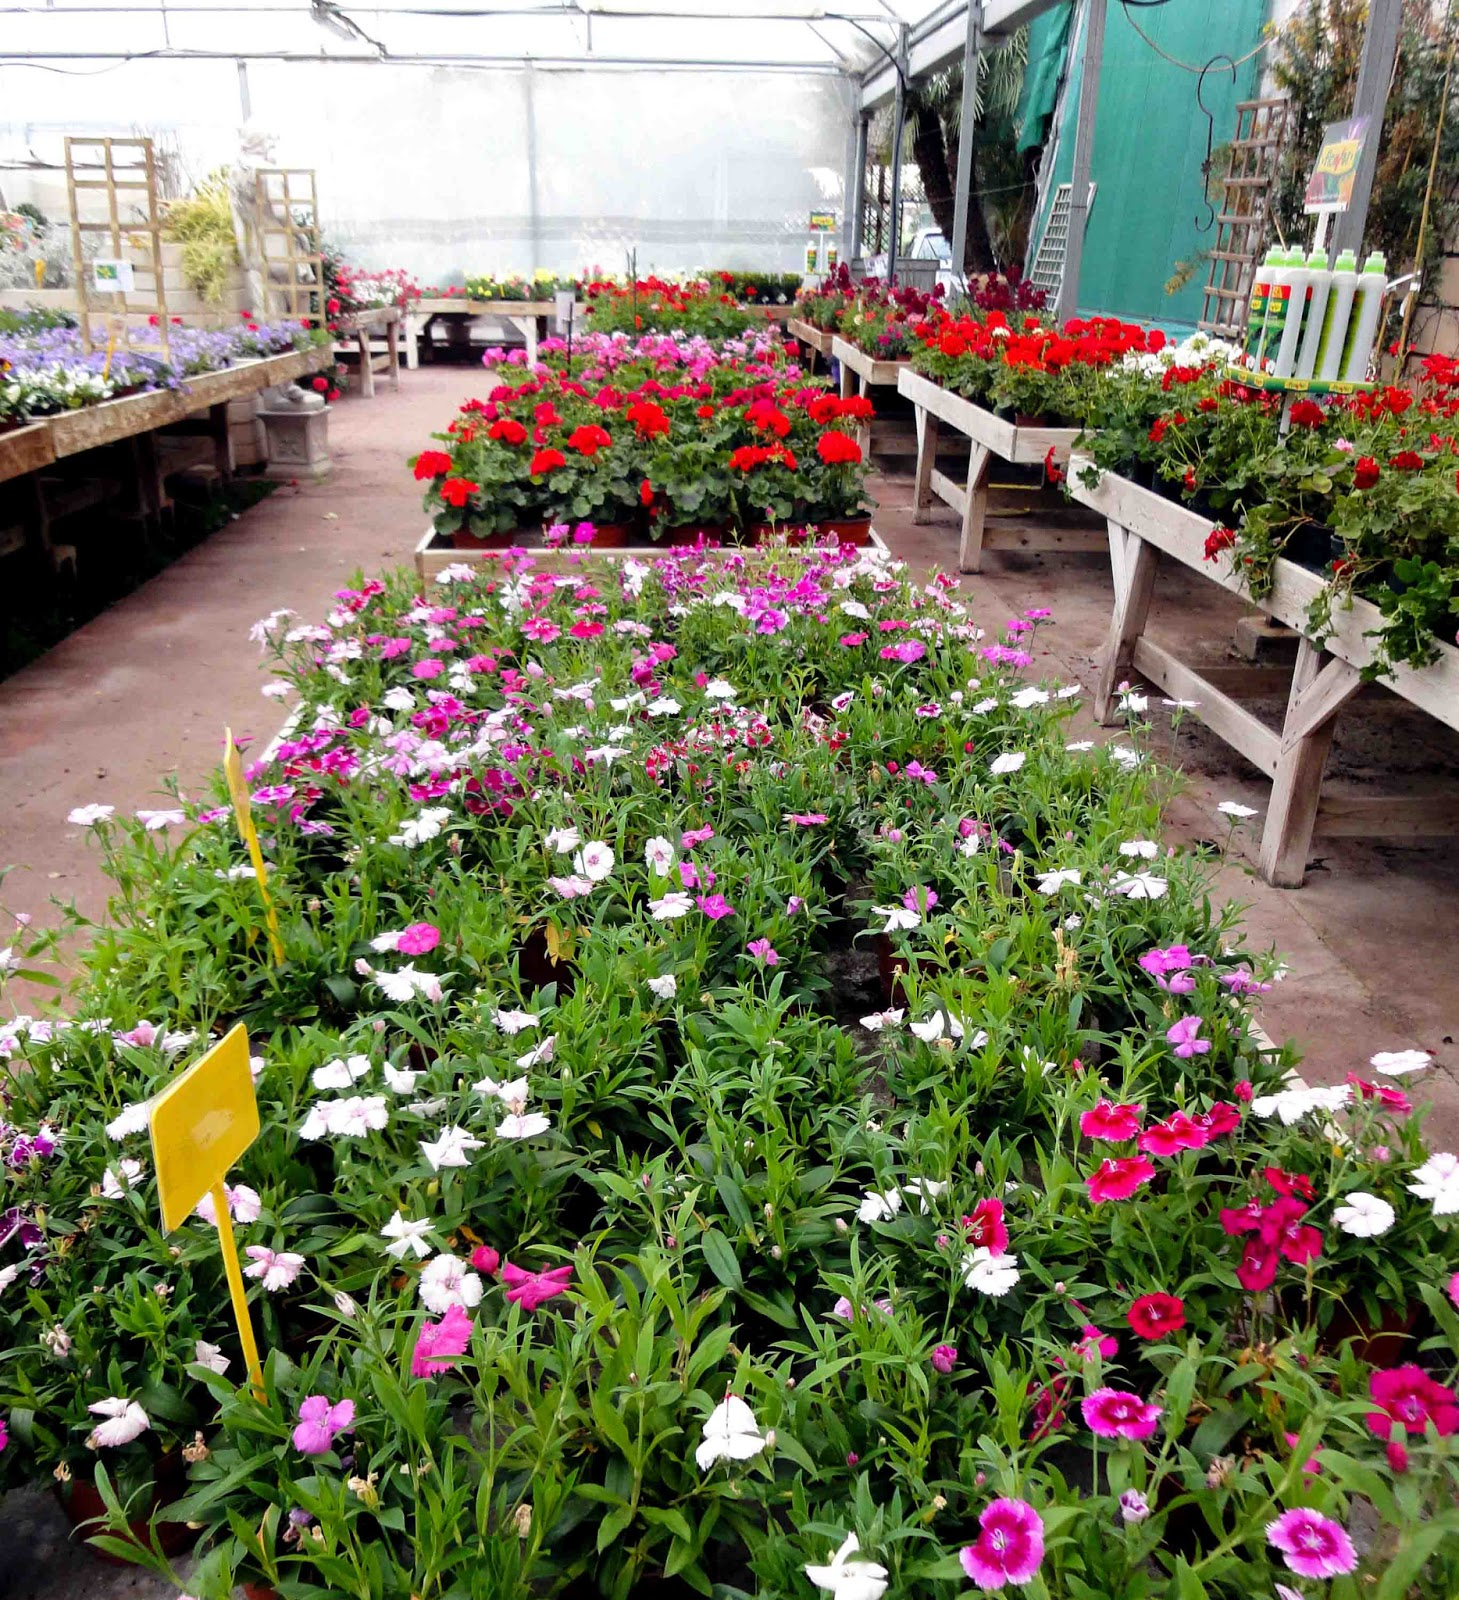 El sello verde paseando en garden center for Idea verde garden center